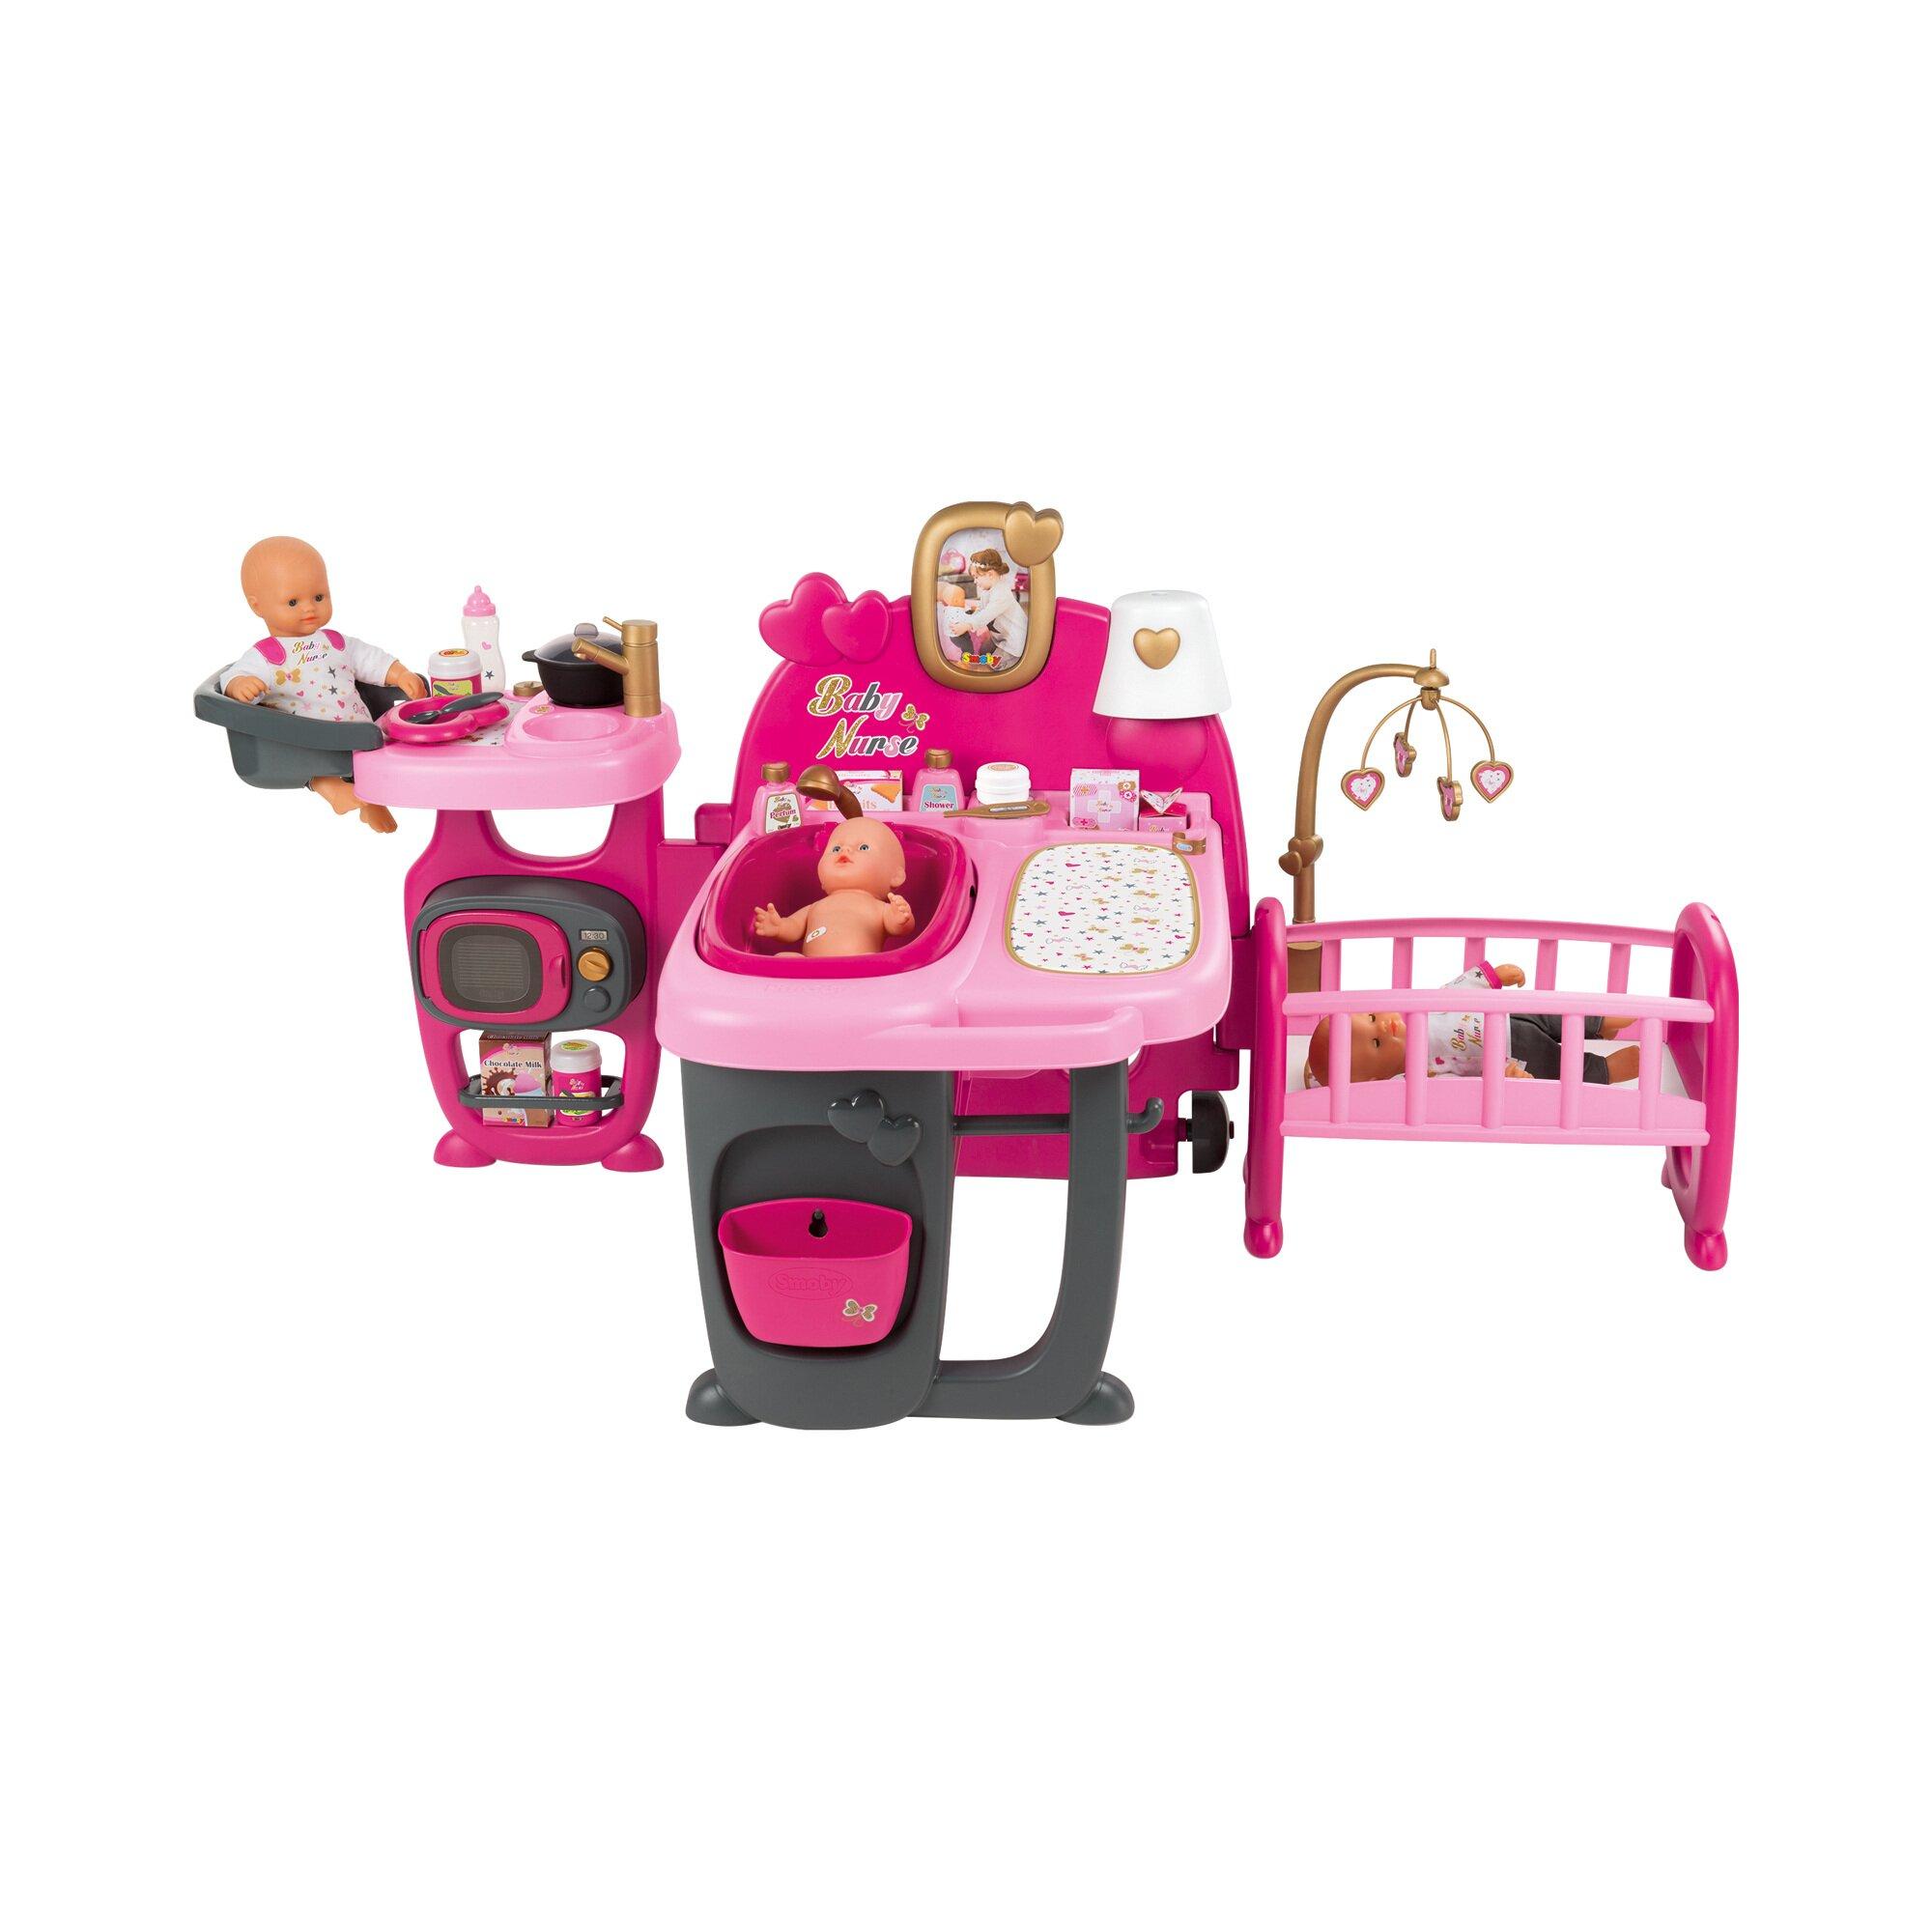 Smoby Puppen-Spielcenter Baby Nurse